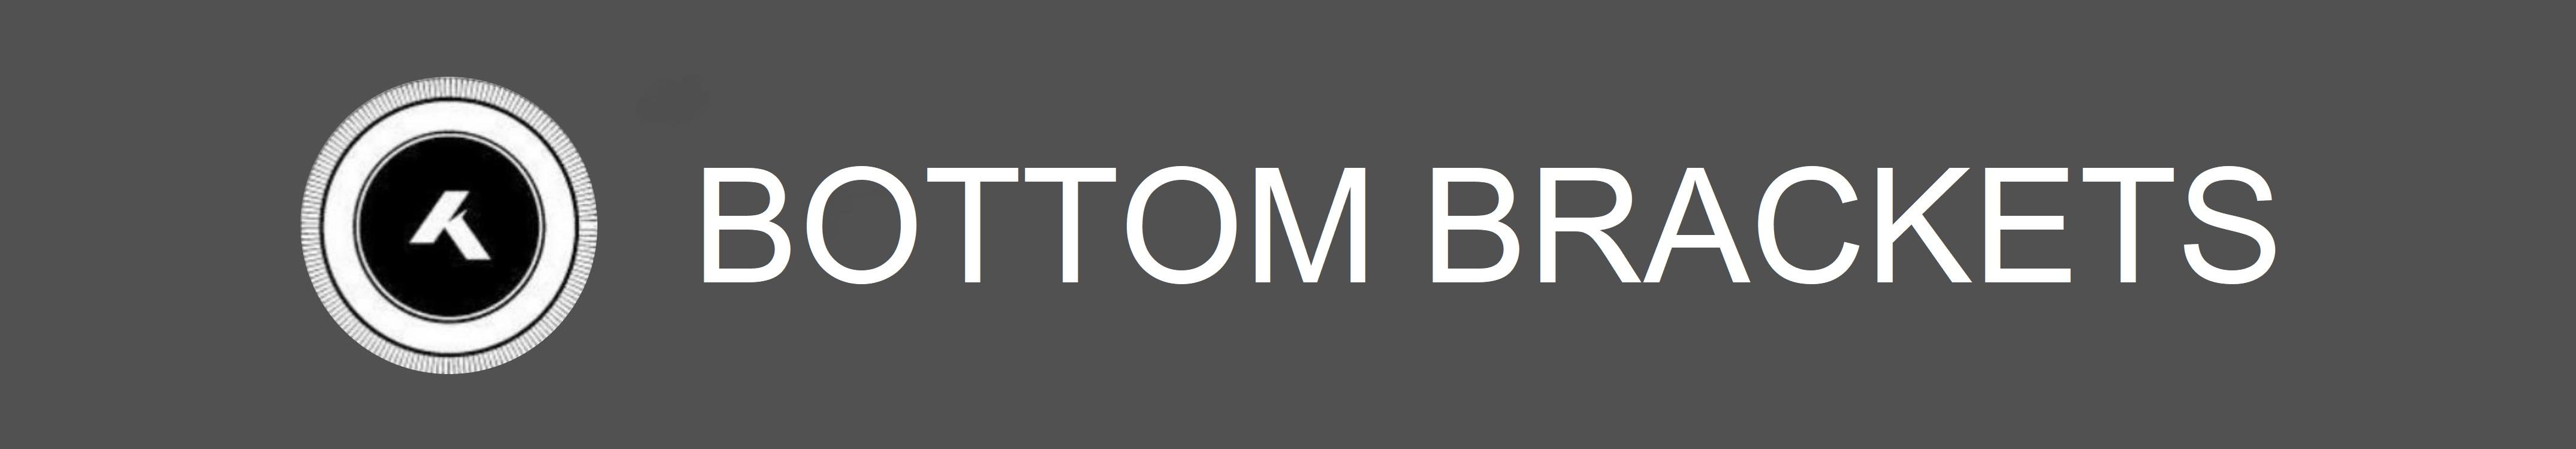 Bottom-Brackets